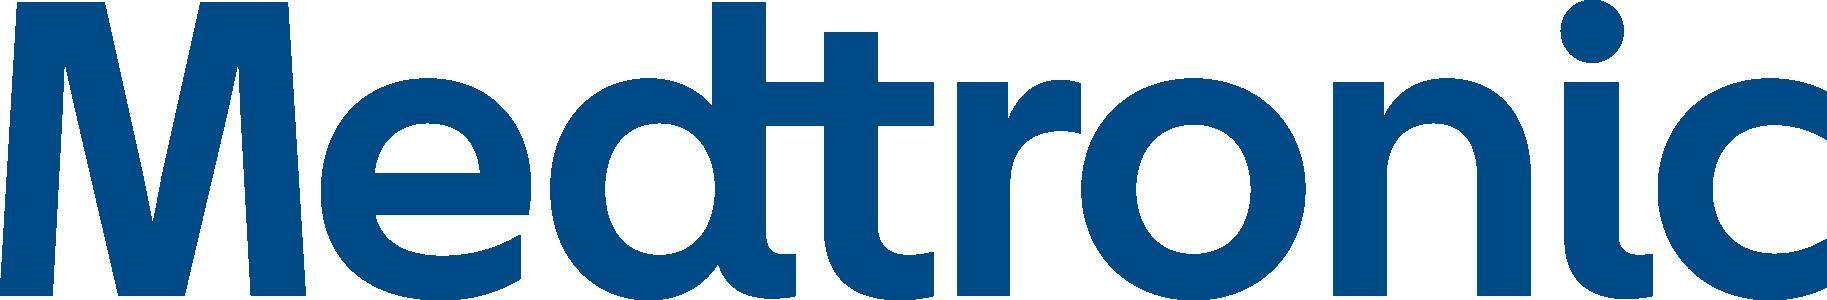 Logo Medtronic PNG - 109319